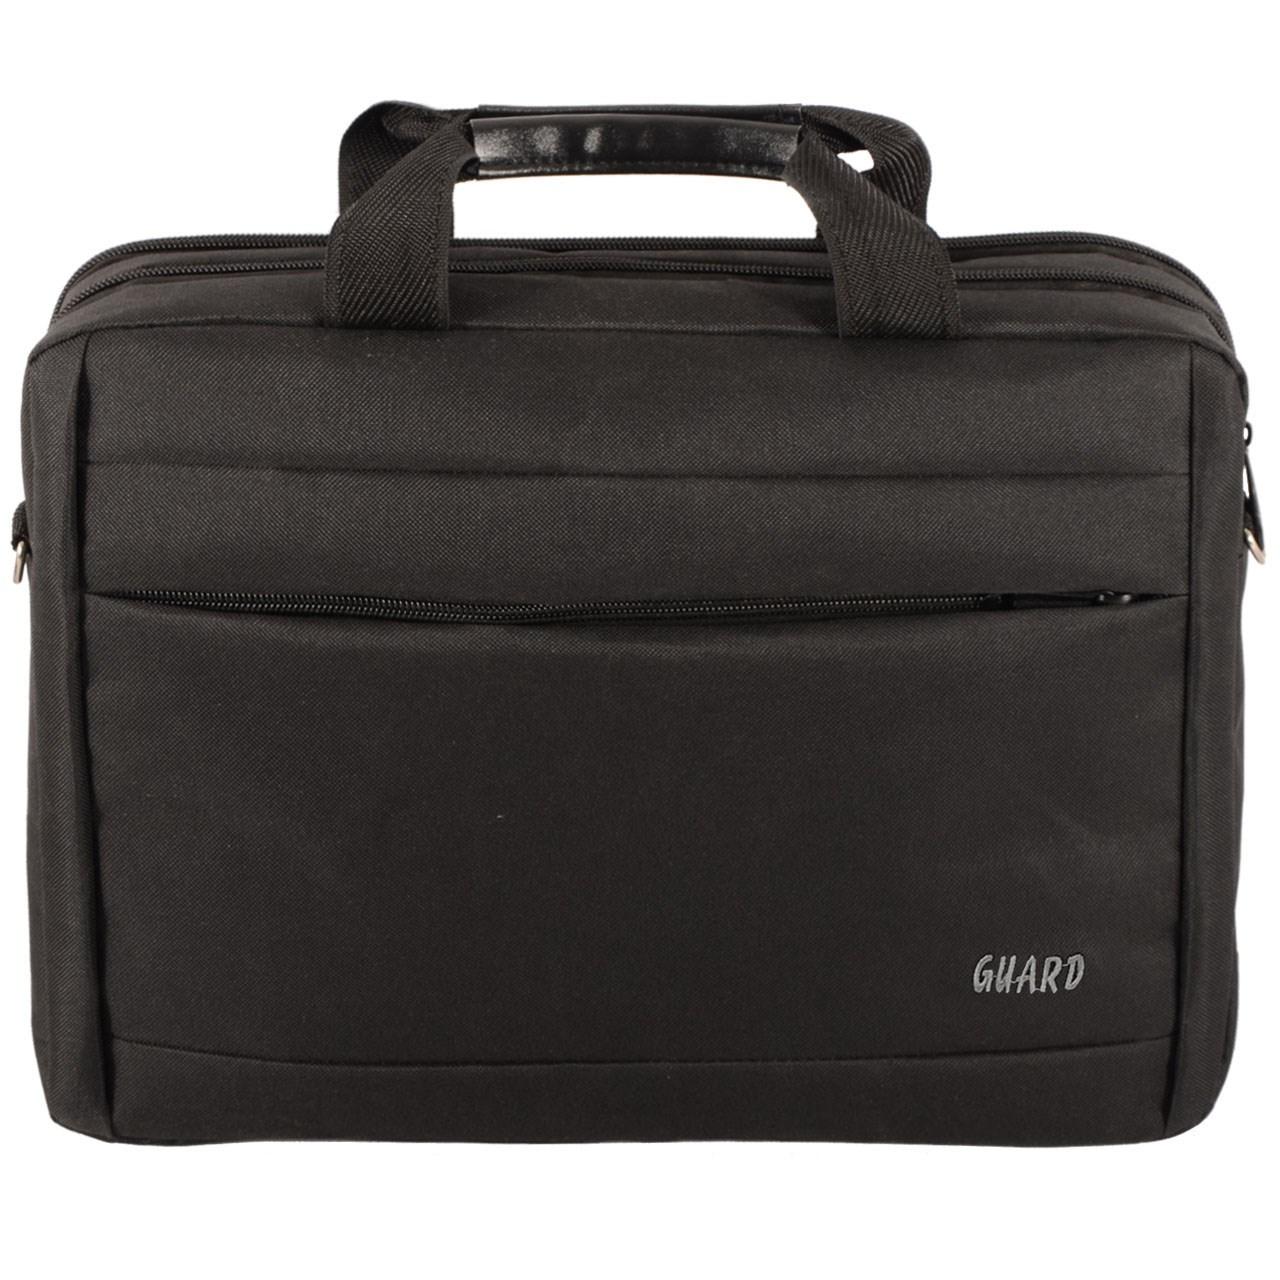 کیف لپ تاپ گارد مدل 130 مناسب برای لپ تاپ 15 اینچی